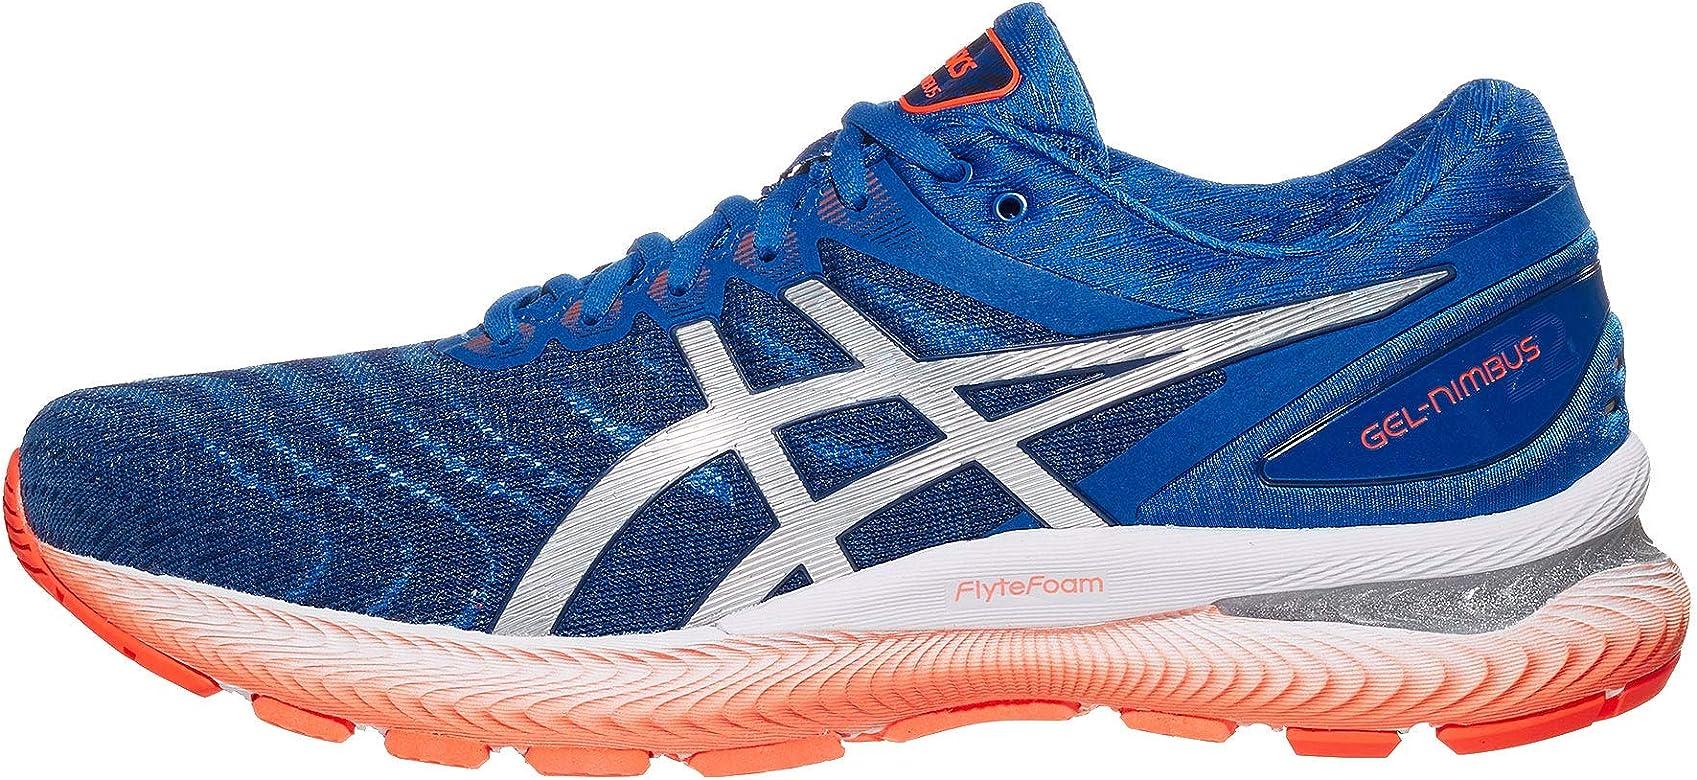 ASICS Gel-Nimbus 22 - Zapatillas de correr para hombre, Azul (Azul atún/plata pura.), 45 EU: Amazon.es: Zapatos y complementos